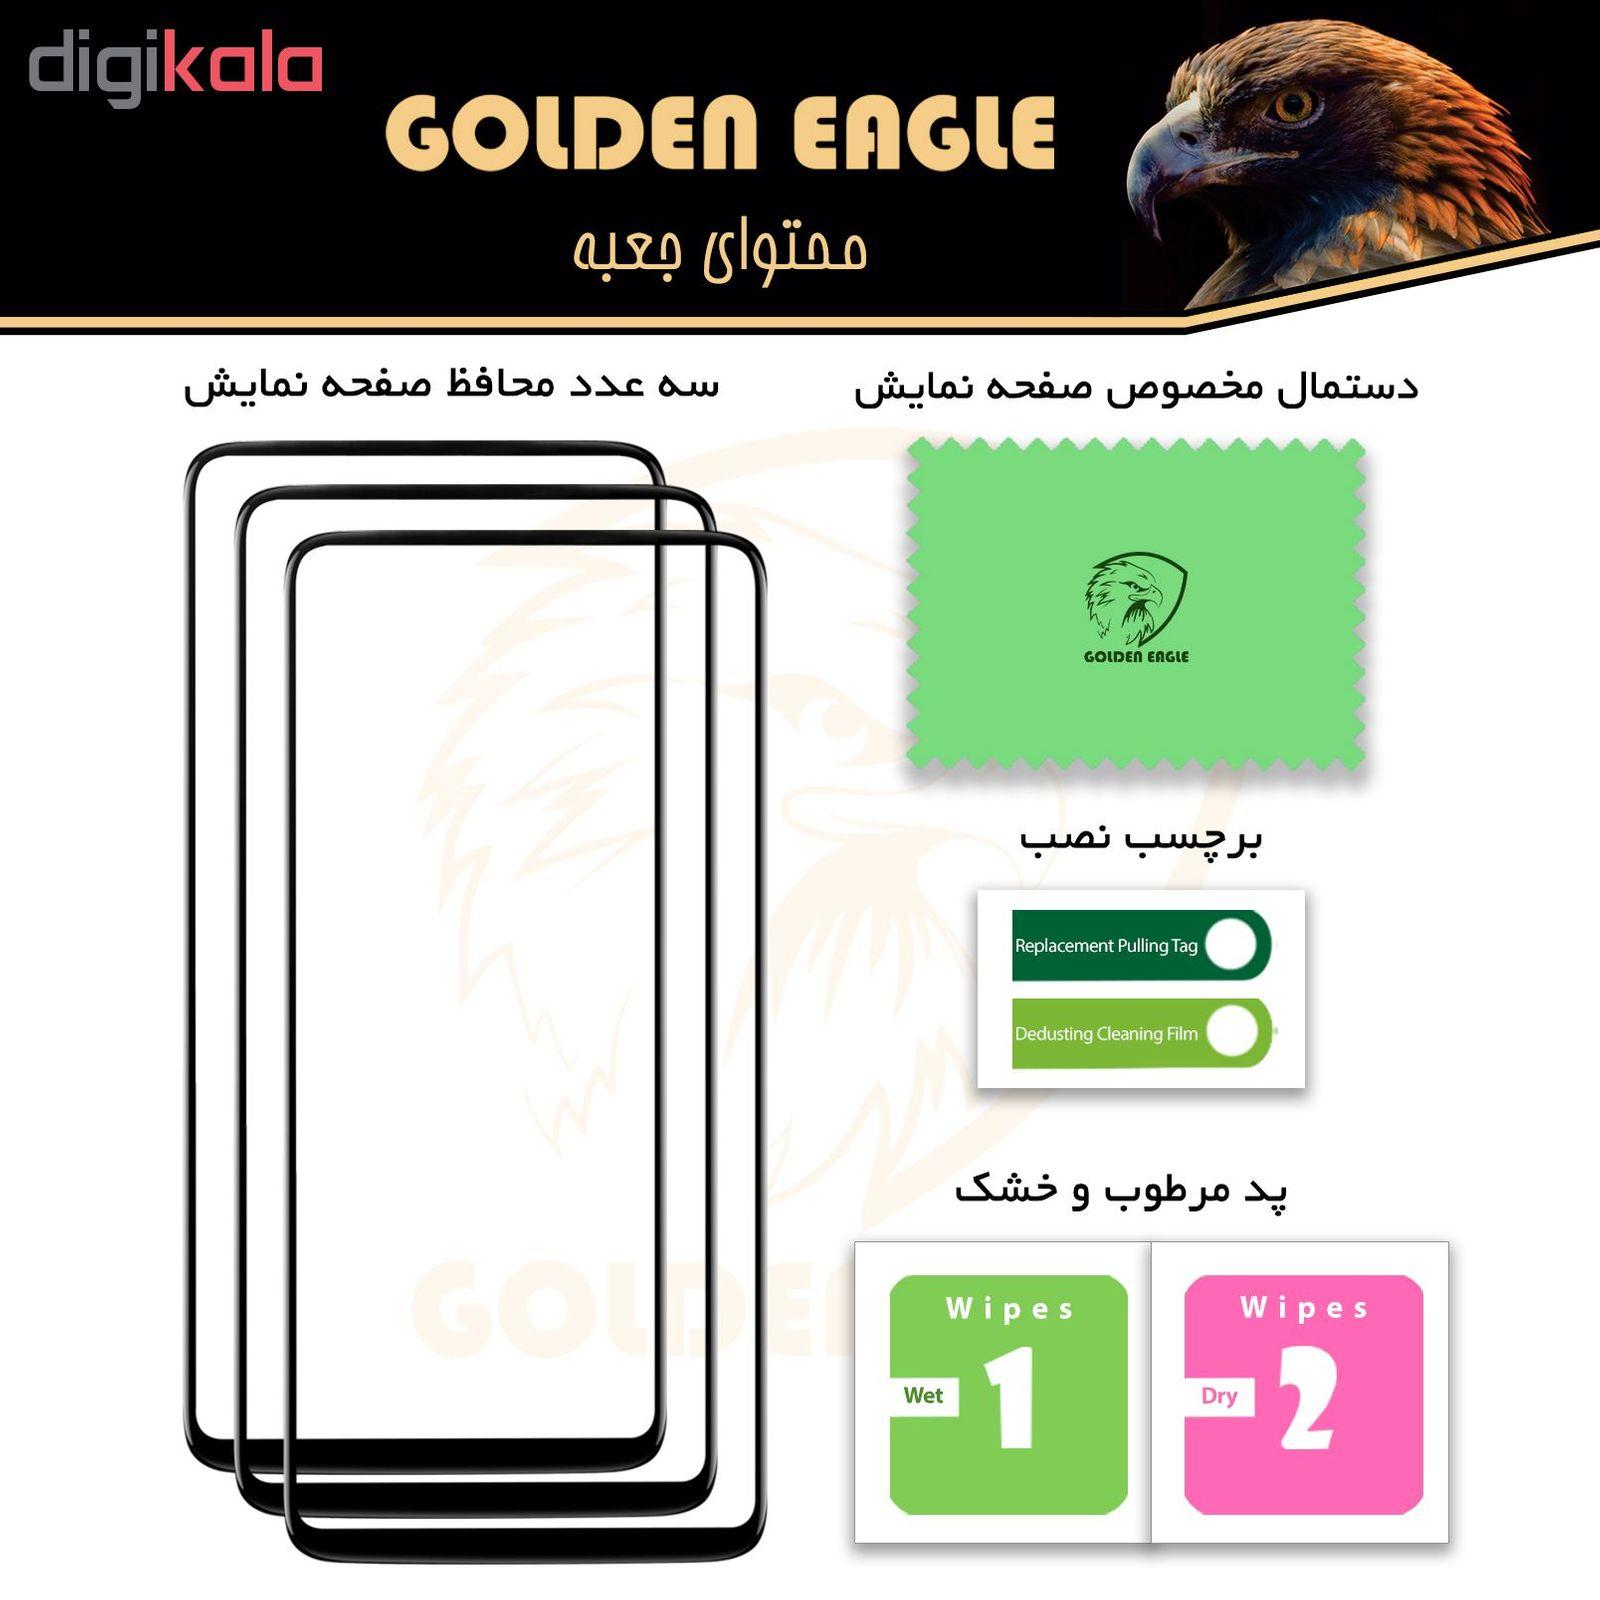 محافظ صفحه نمایش گلدن ایگل مدل DFC-X3 مناسب برای گوشی موبایل سامسونگ Galaxy Note 10 Plus بسته سه عددی main 1 2